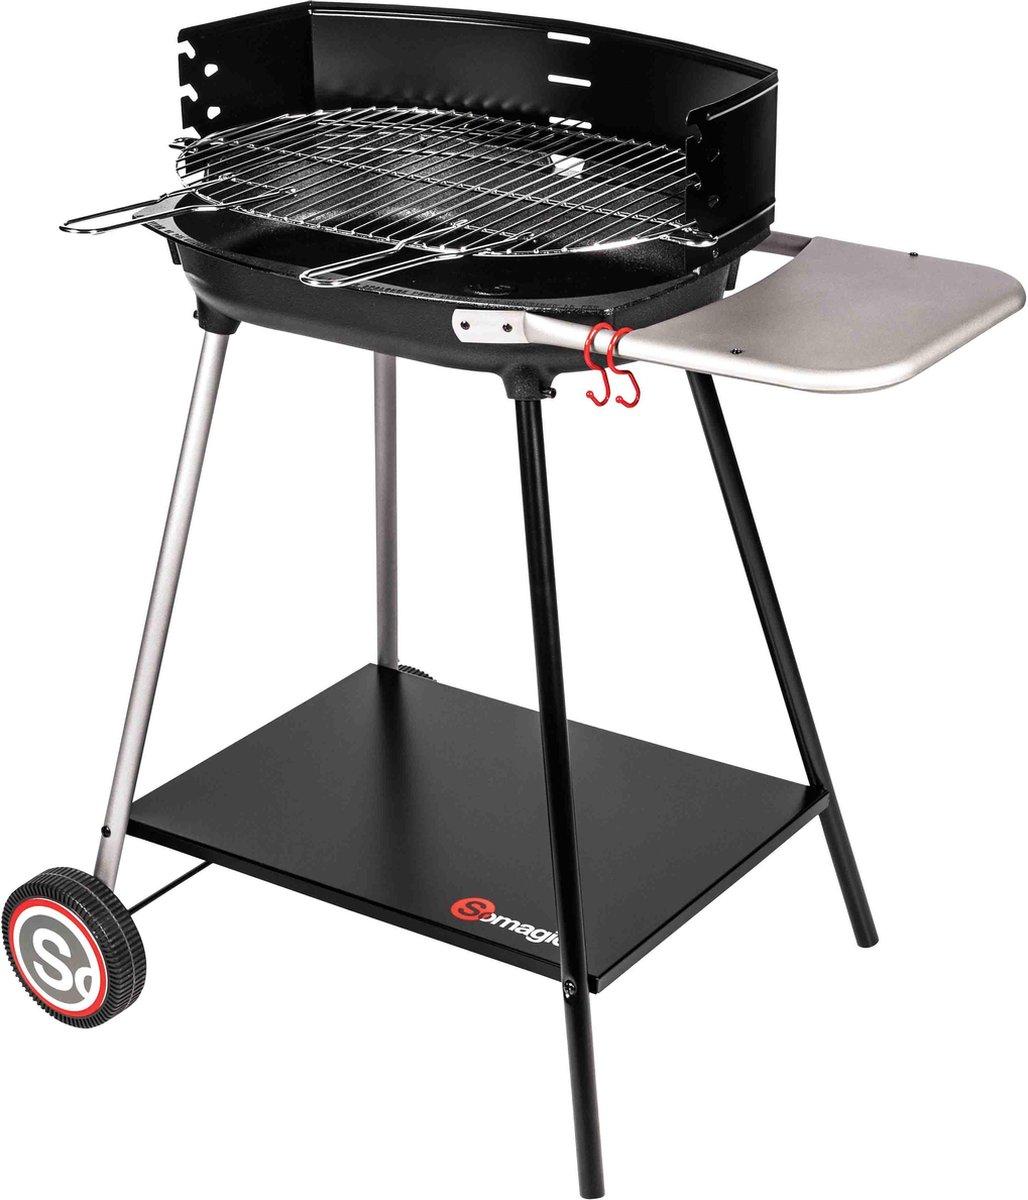 COOKING DEALS - SO MAGIC - MYCONOS - Houtskool BBQ - basic - voor thuis gebruik (6p) - 52 x 37cm